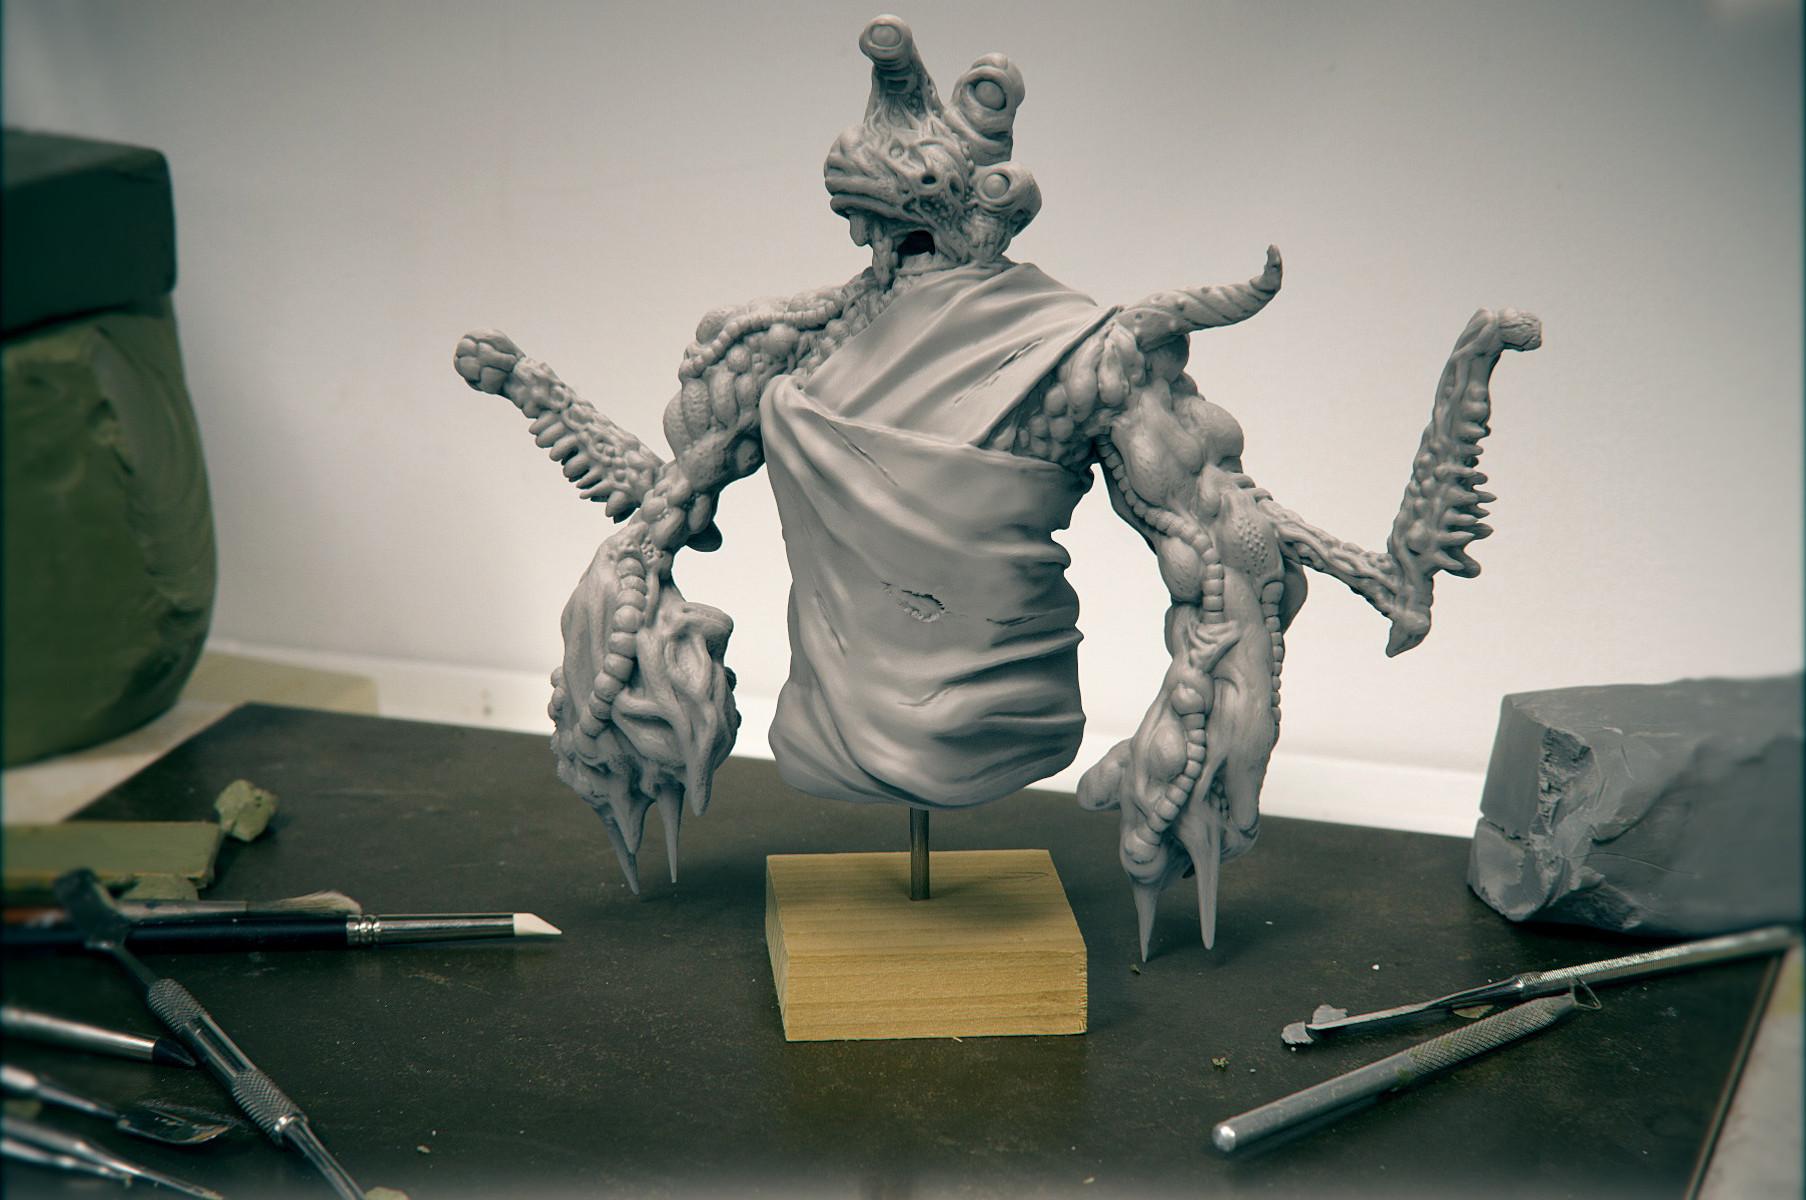 Andrew krivulya render sculpt